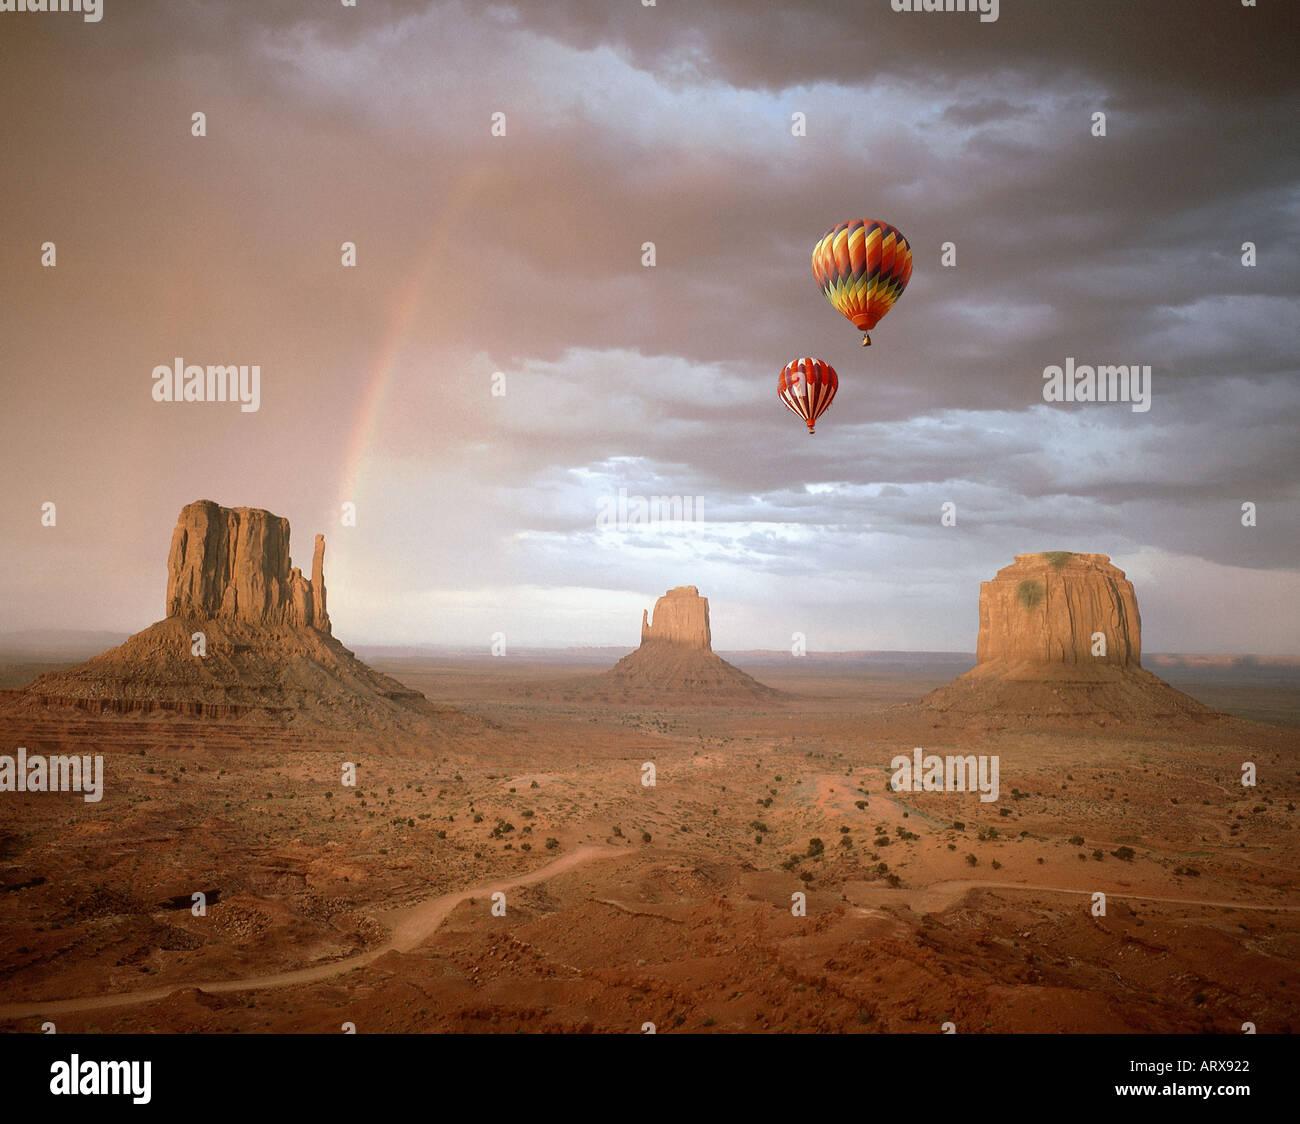 Estados Unidos - Arizona: Monument Valley Navajo Tribal Park Imagen De Stock